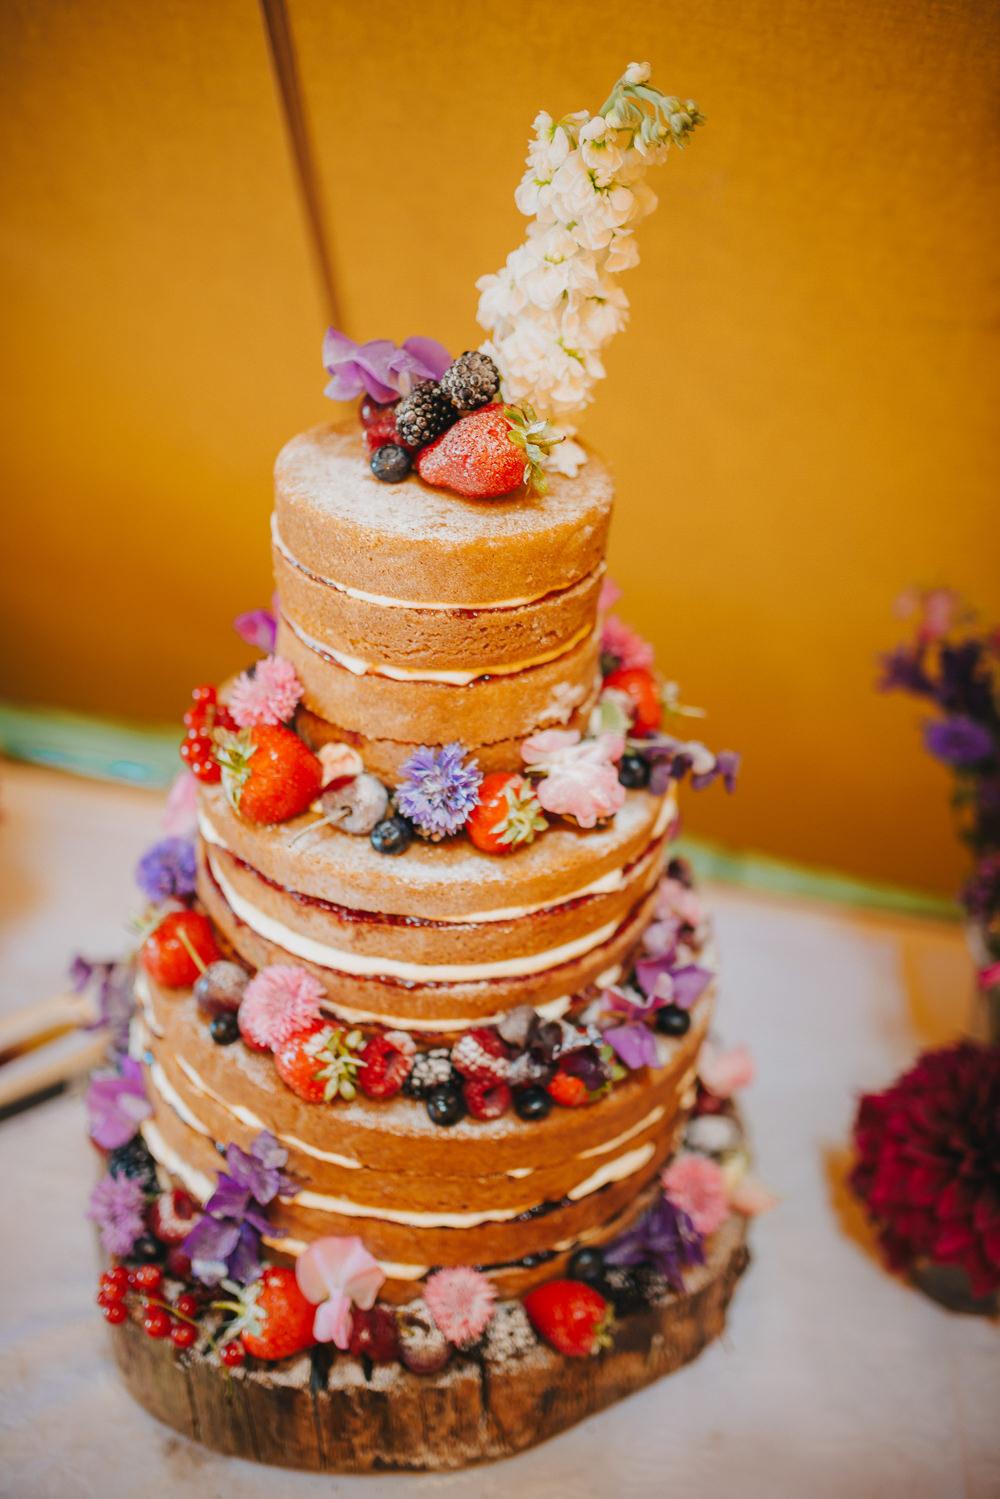 Naked Cake Fruit Flowers Wood Slice Kittisford Barton Wedding Joab Smith Photography